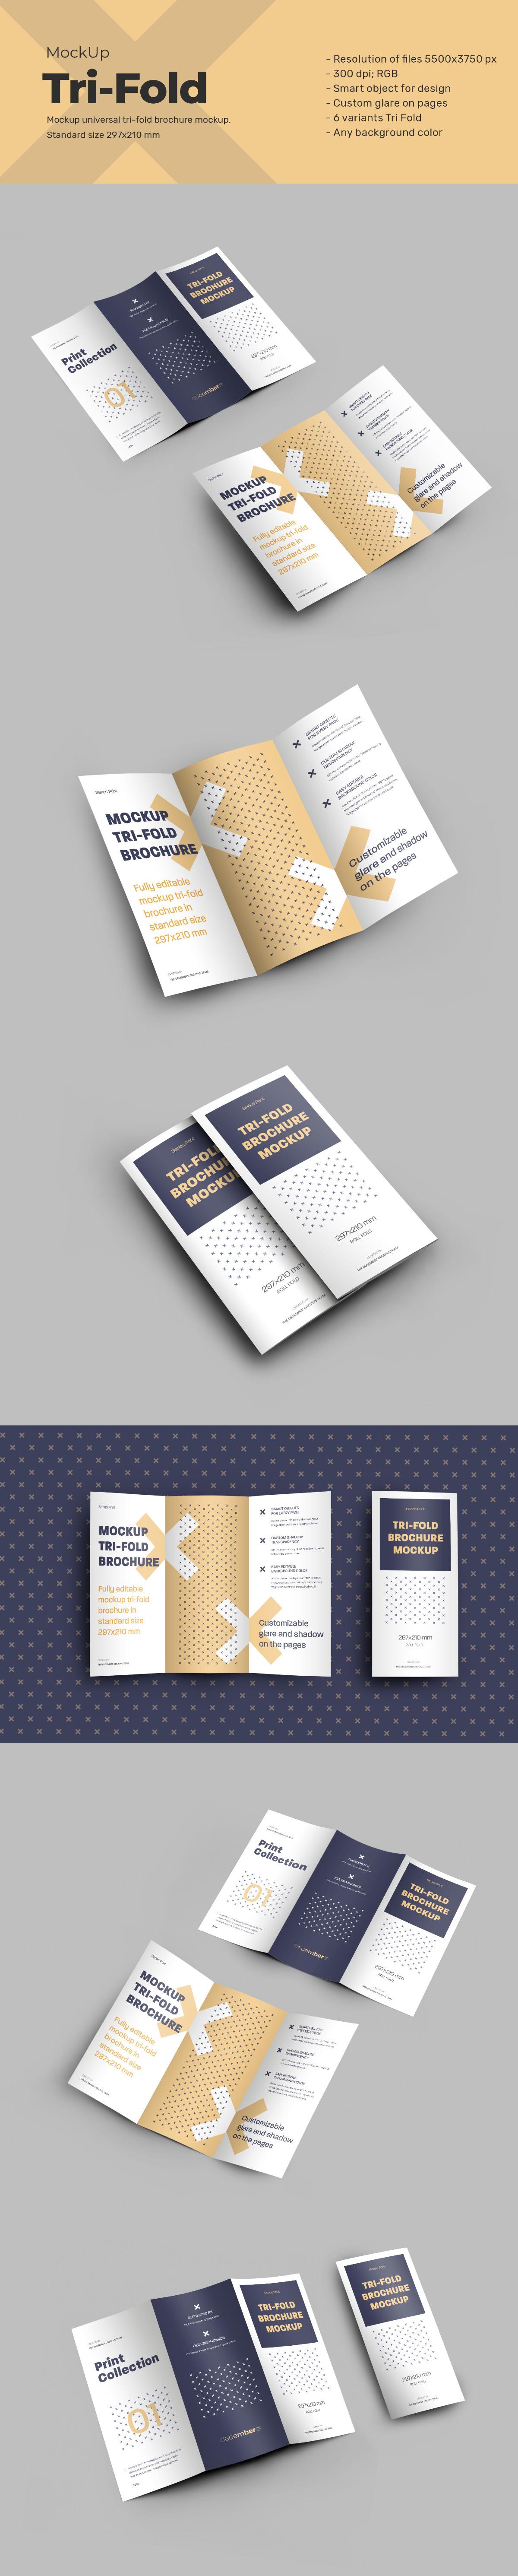 6 Mockups Leafleat DL Trifold Brochure